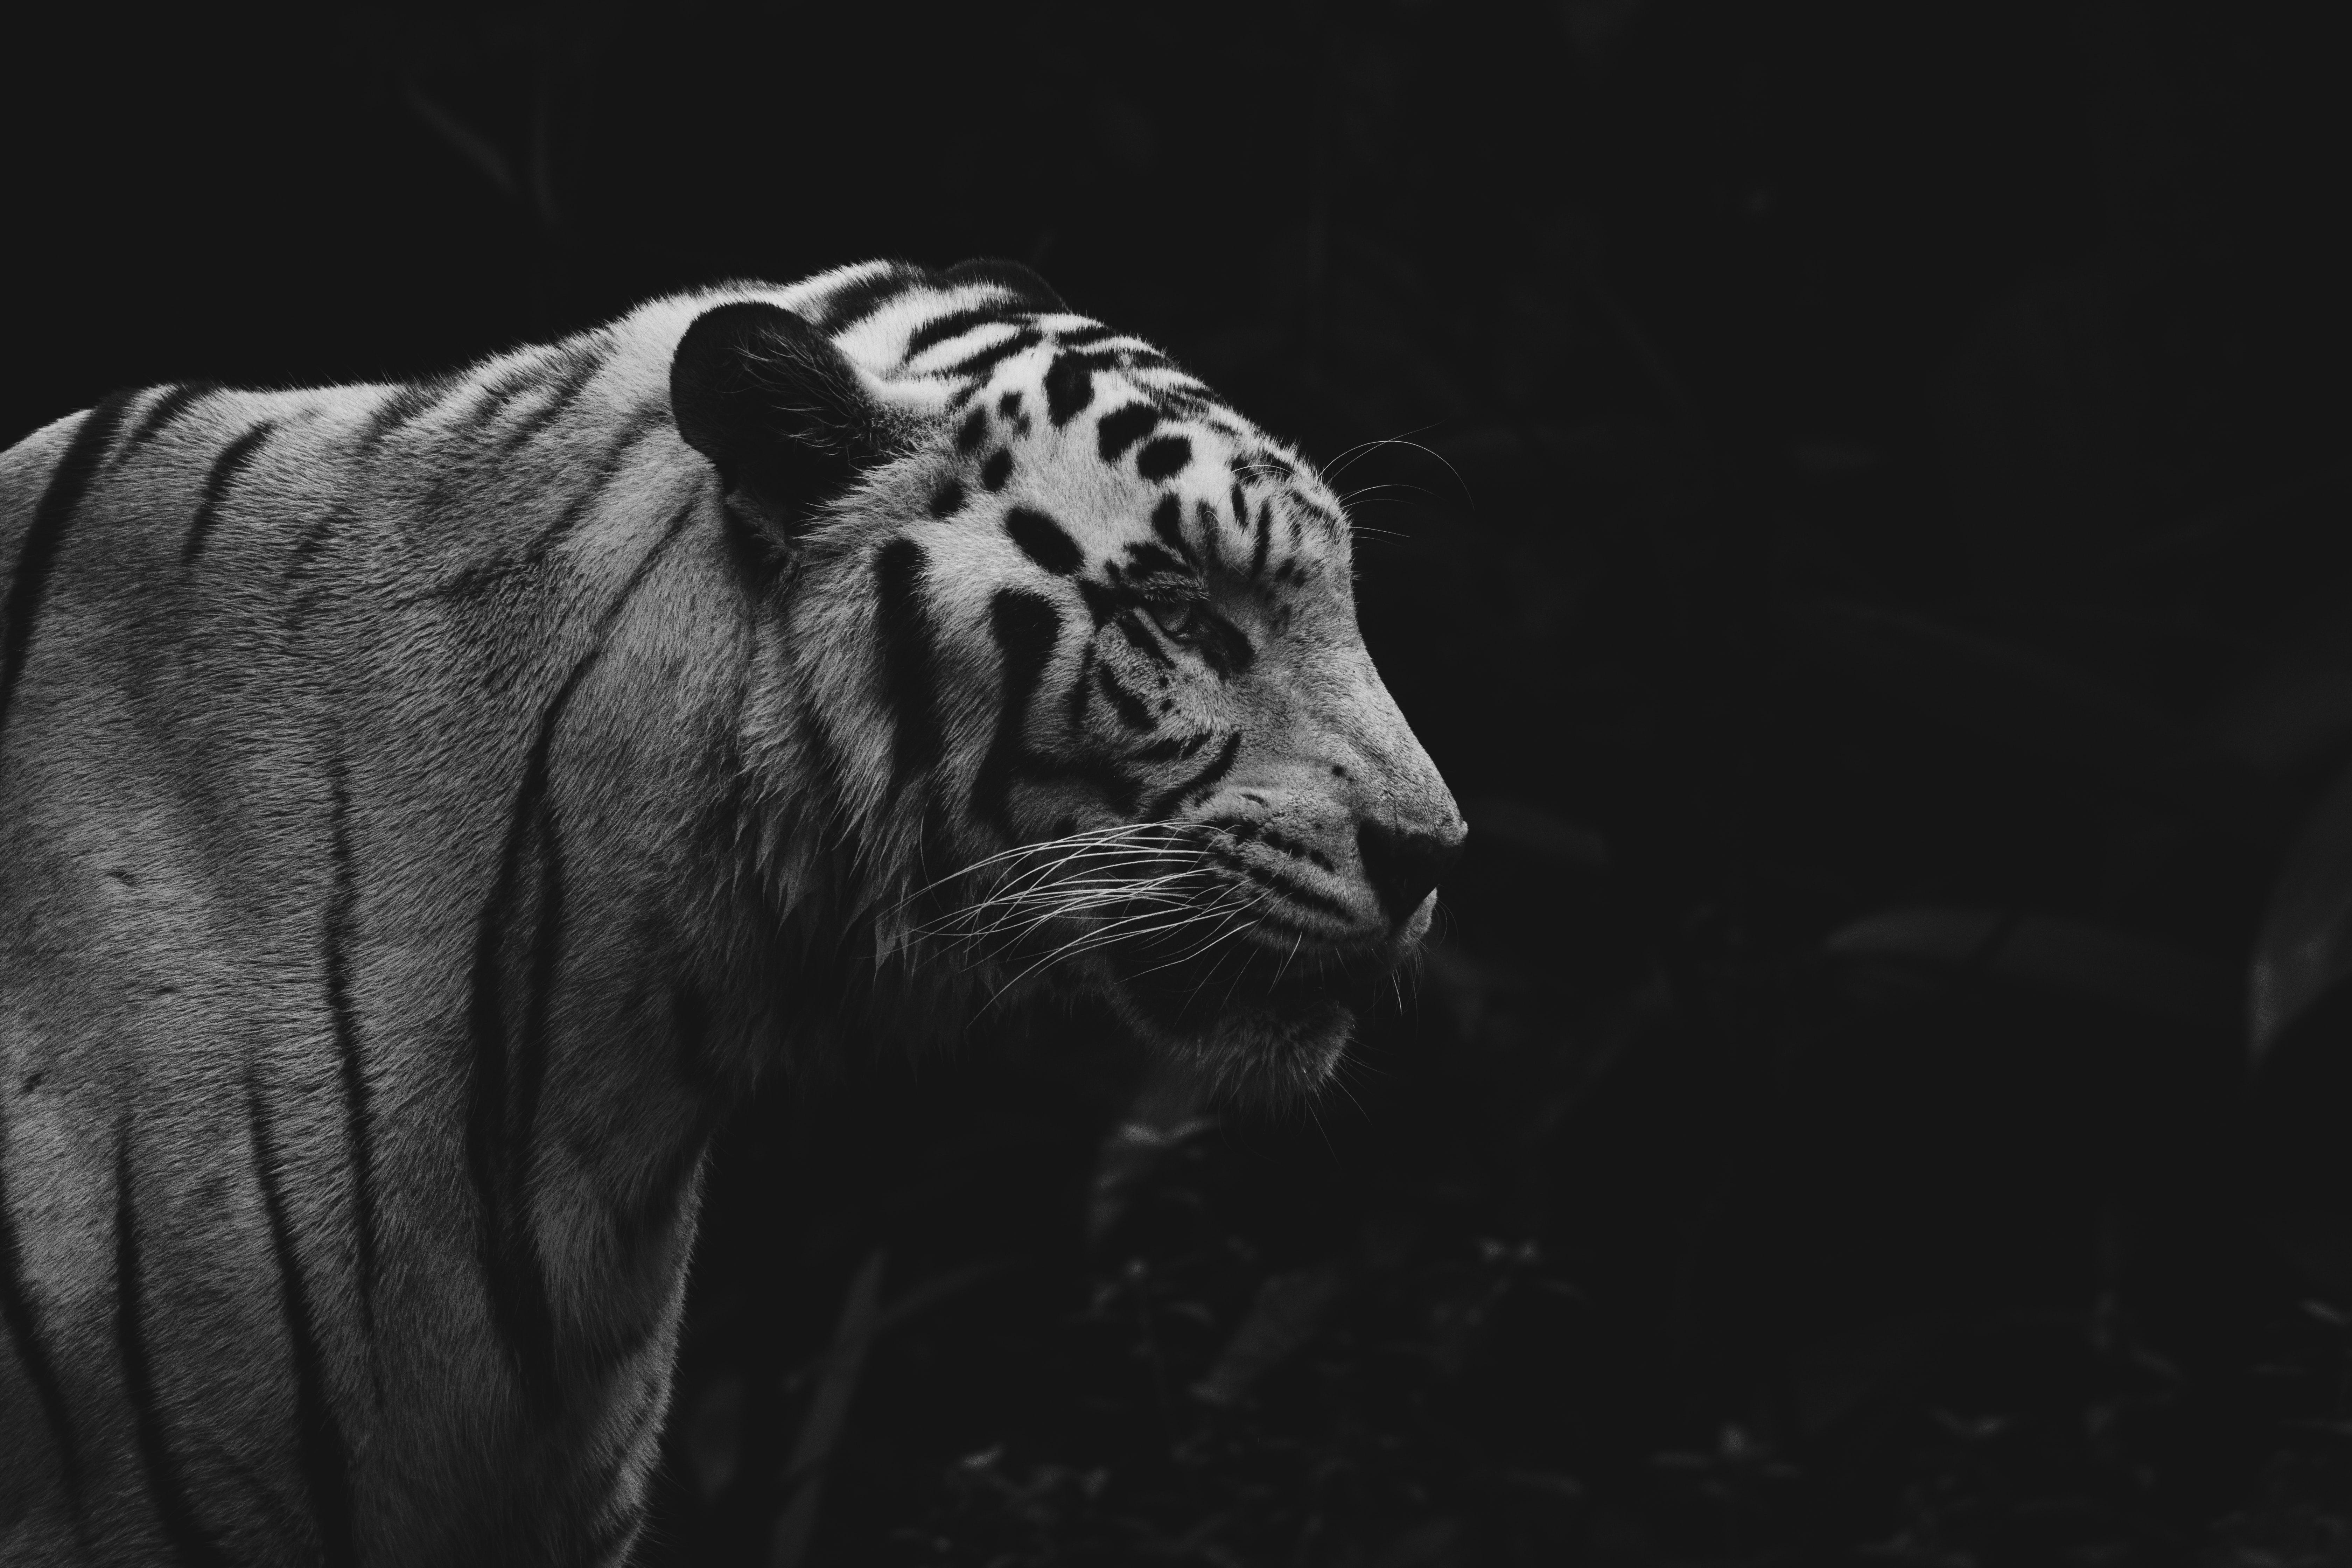 146005 скачать обои Животные, Тигр, Животное, Хищник, Дикая Природа, Чб - заставки и картинки бесплатно